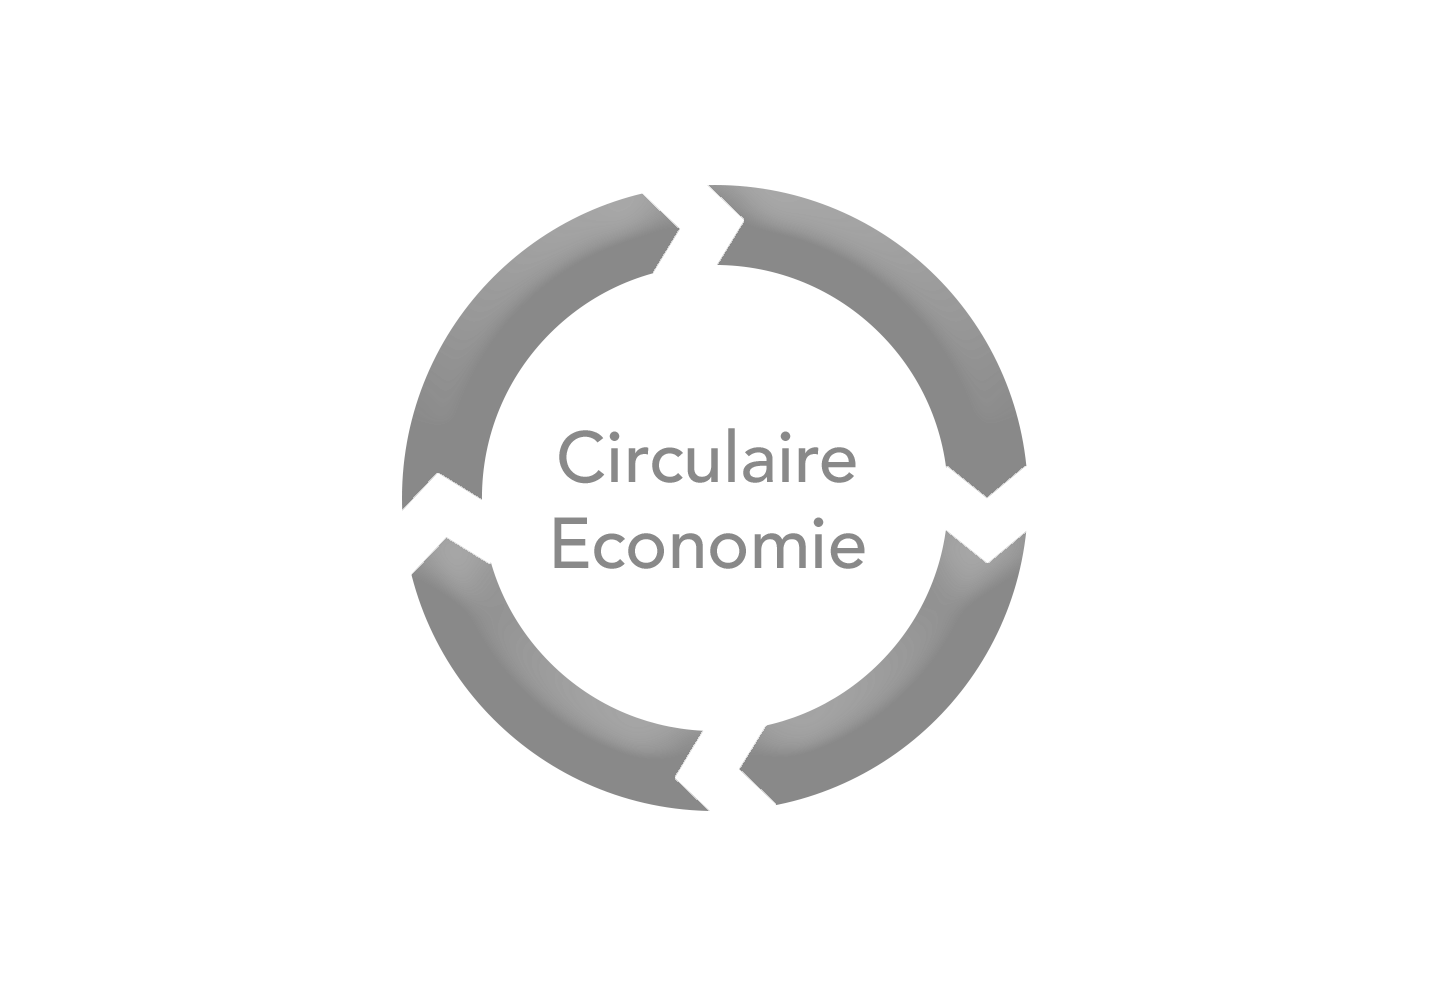 Circulair economie - symbol